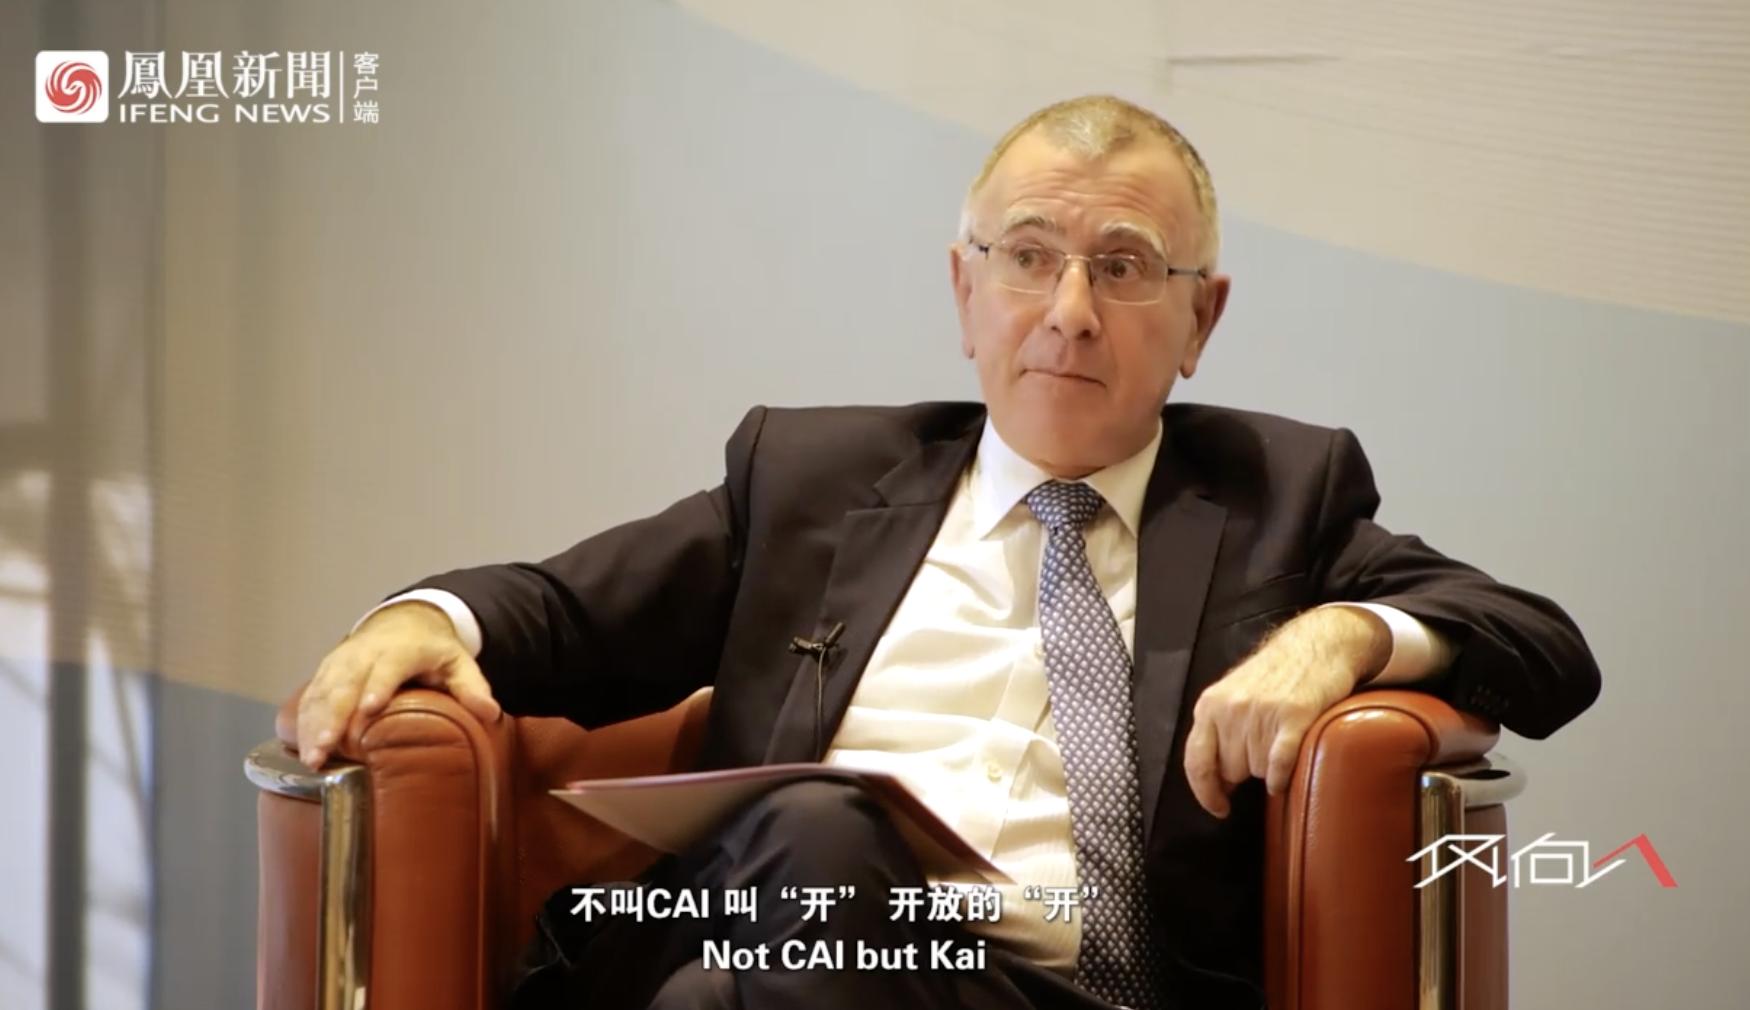 独家 中欧投资协定对普通人有何影响?欧盟驻华大使解读